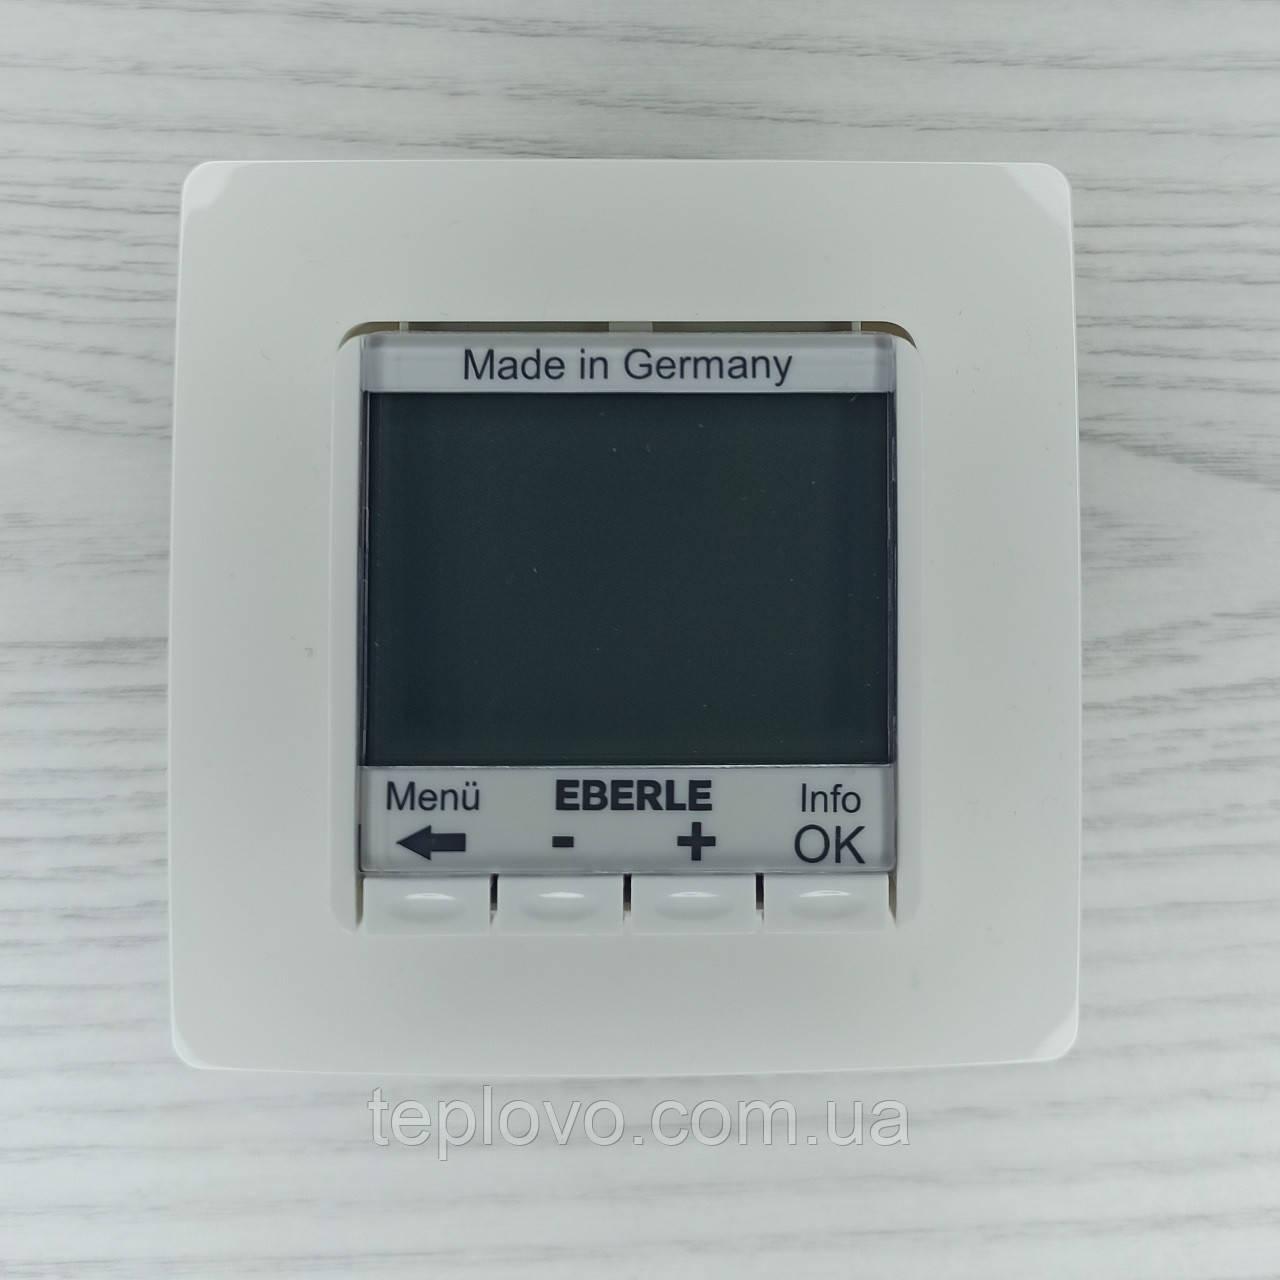 Терморегулятор программируемый Eberle FIT 3F (Германия) для теплого пола